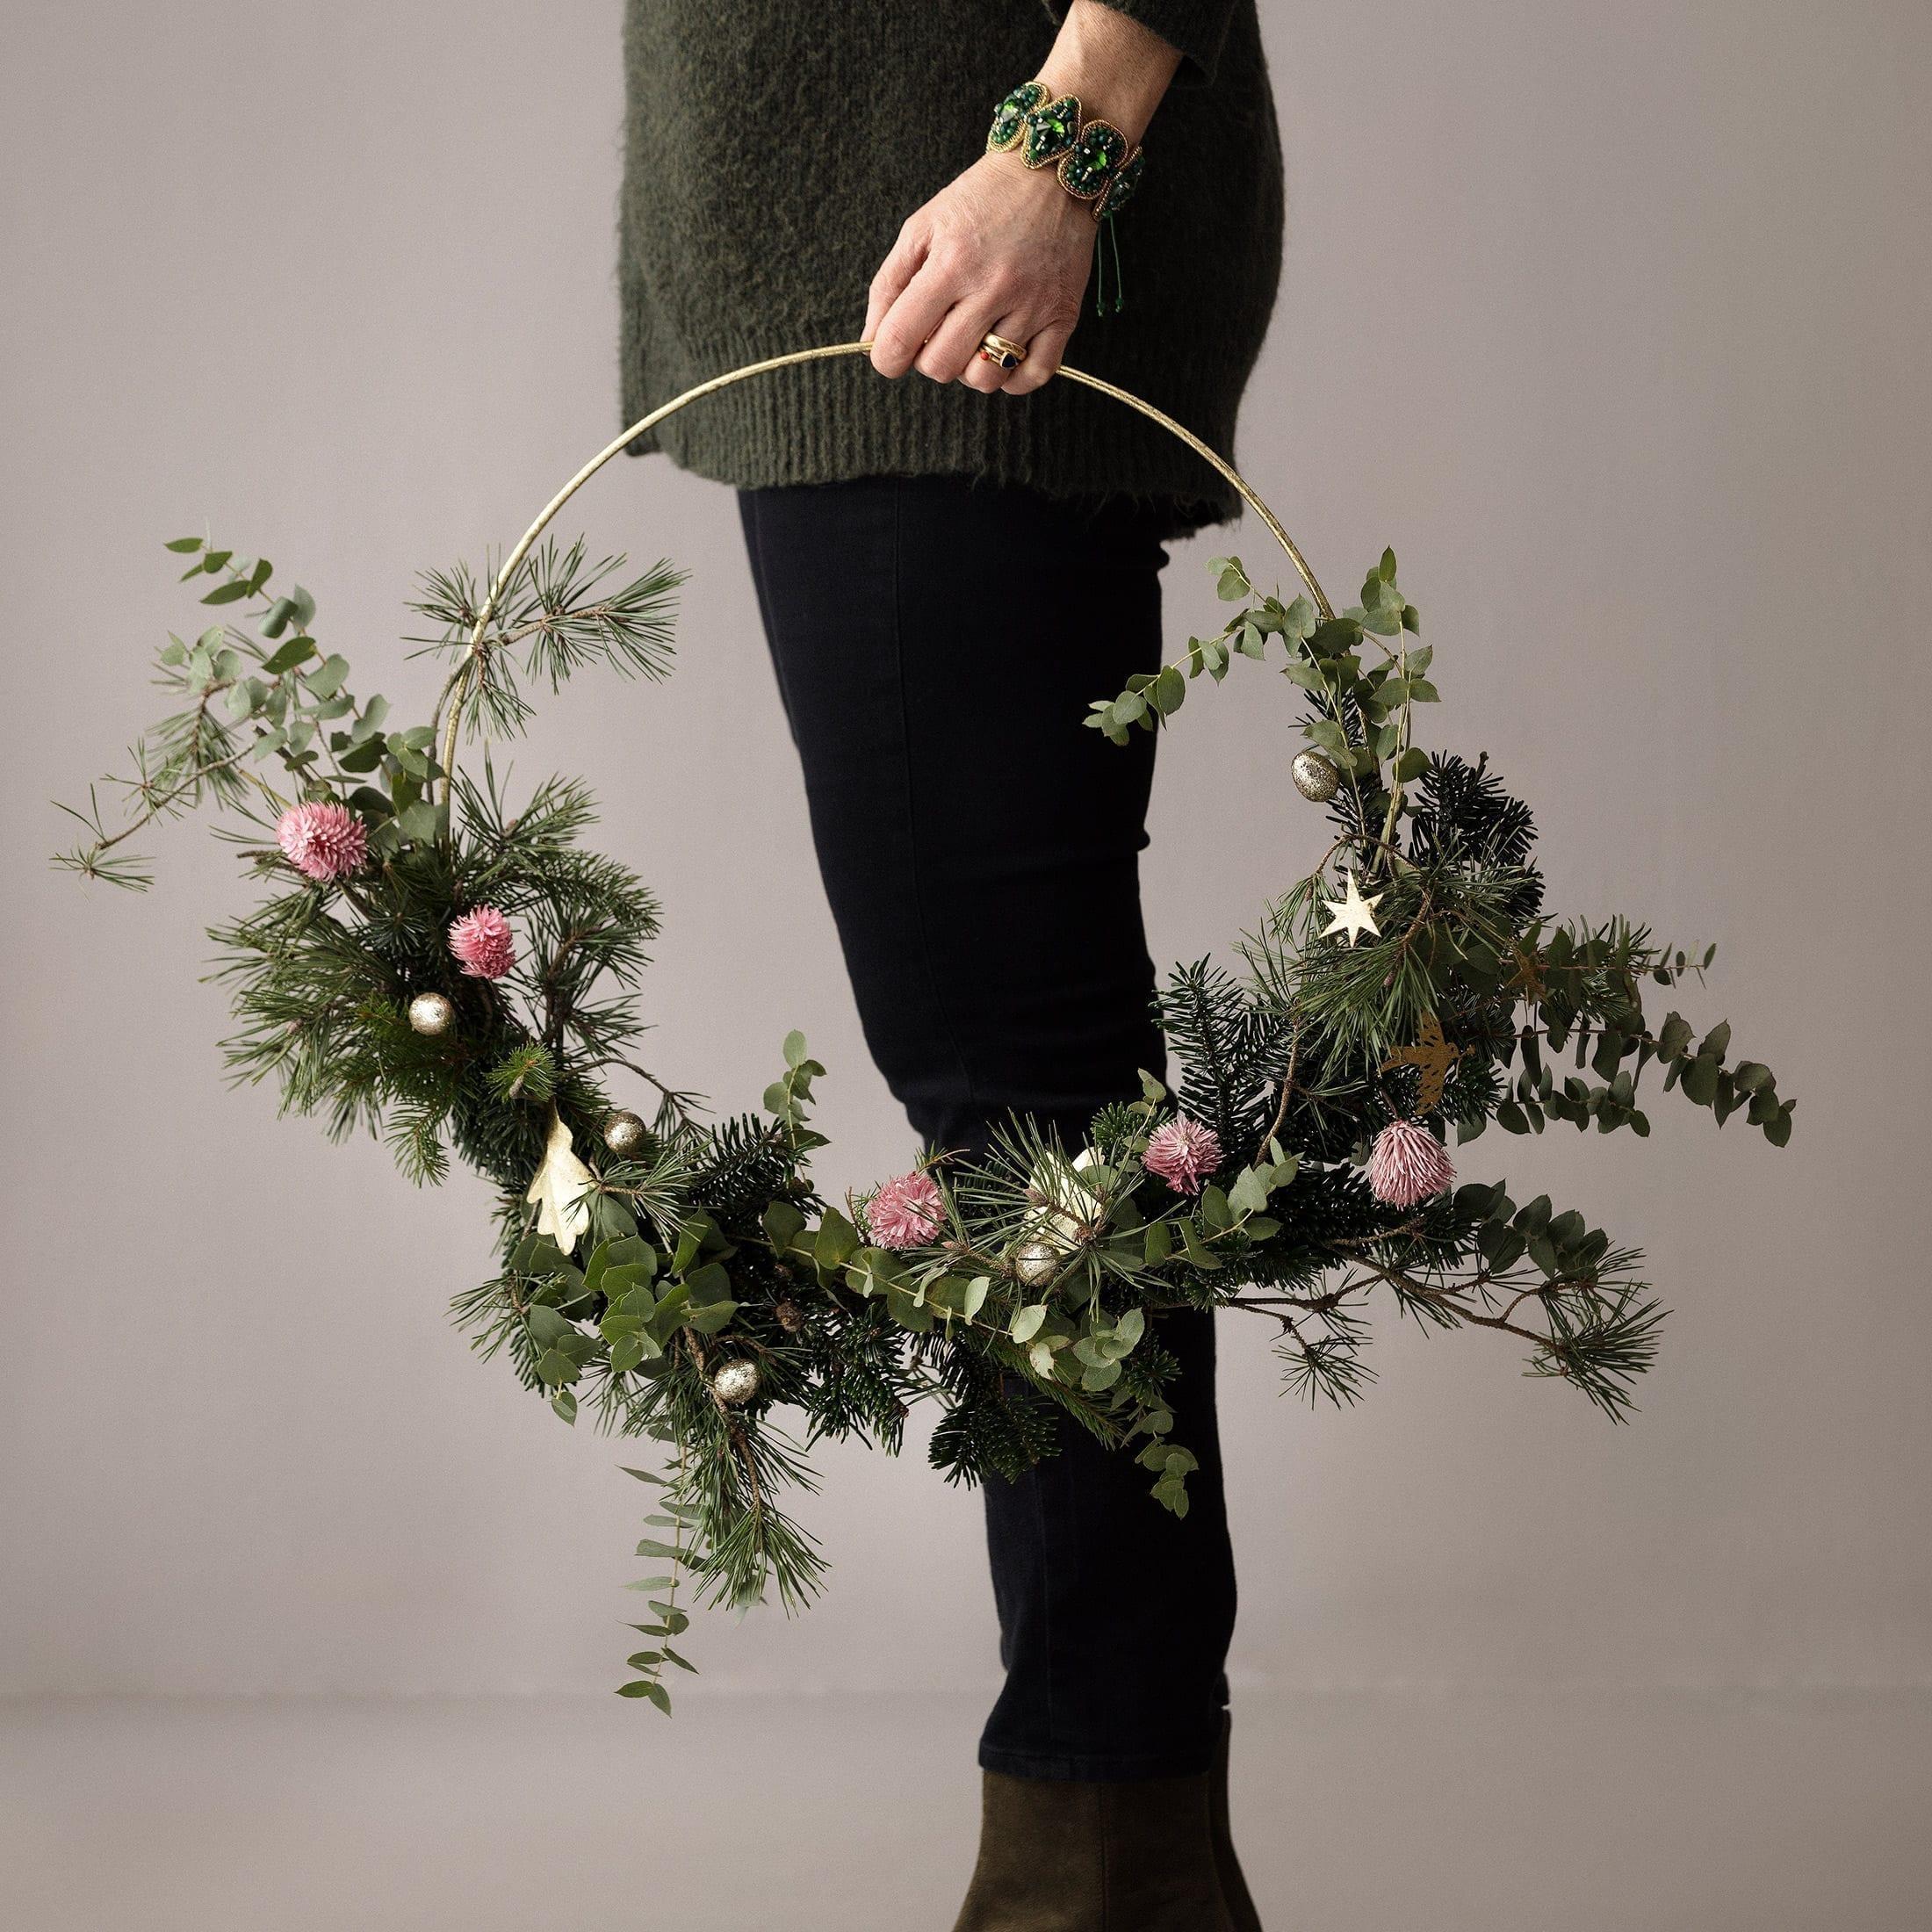 Metallring in Gold in den Größen 30 cm, 38 cm und 46 cm für die Dekoration an Weihnachten. DIY mit goldenem Ringe aus Metall zum dekorieren. Dried Flower Hoops online kaufen